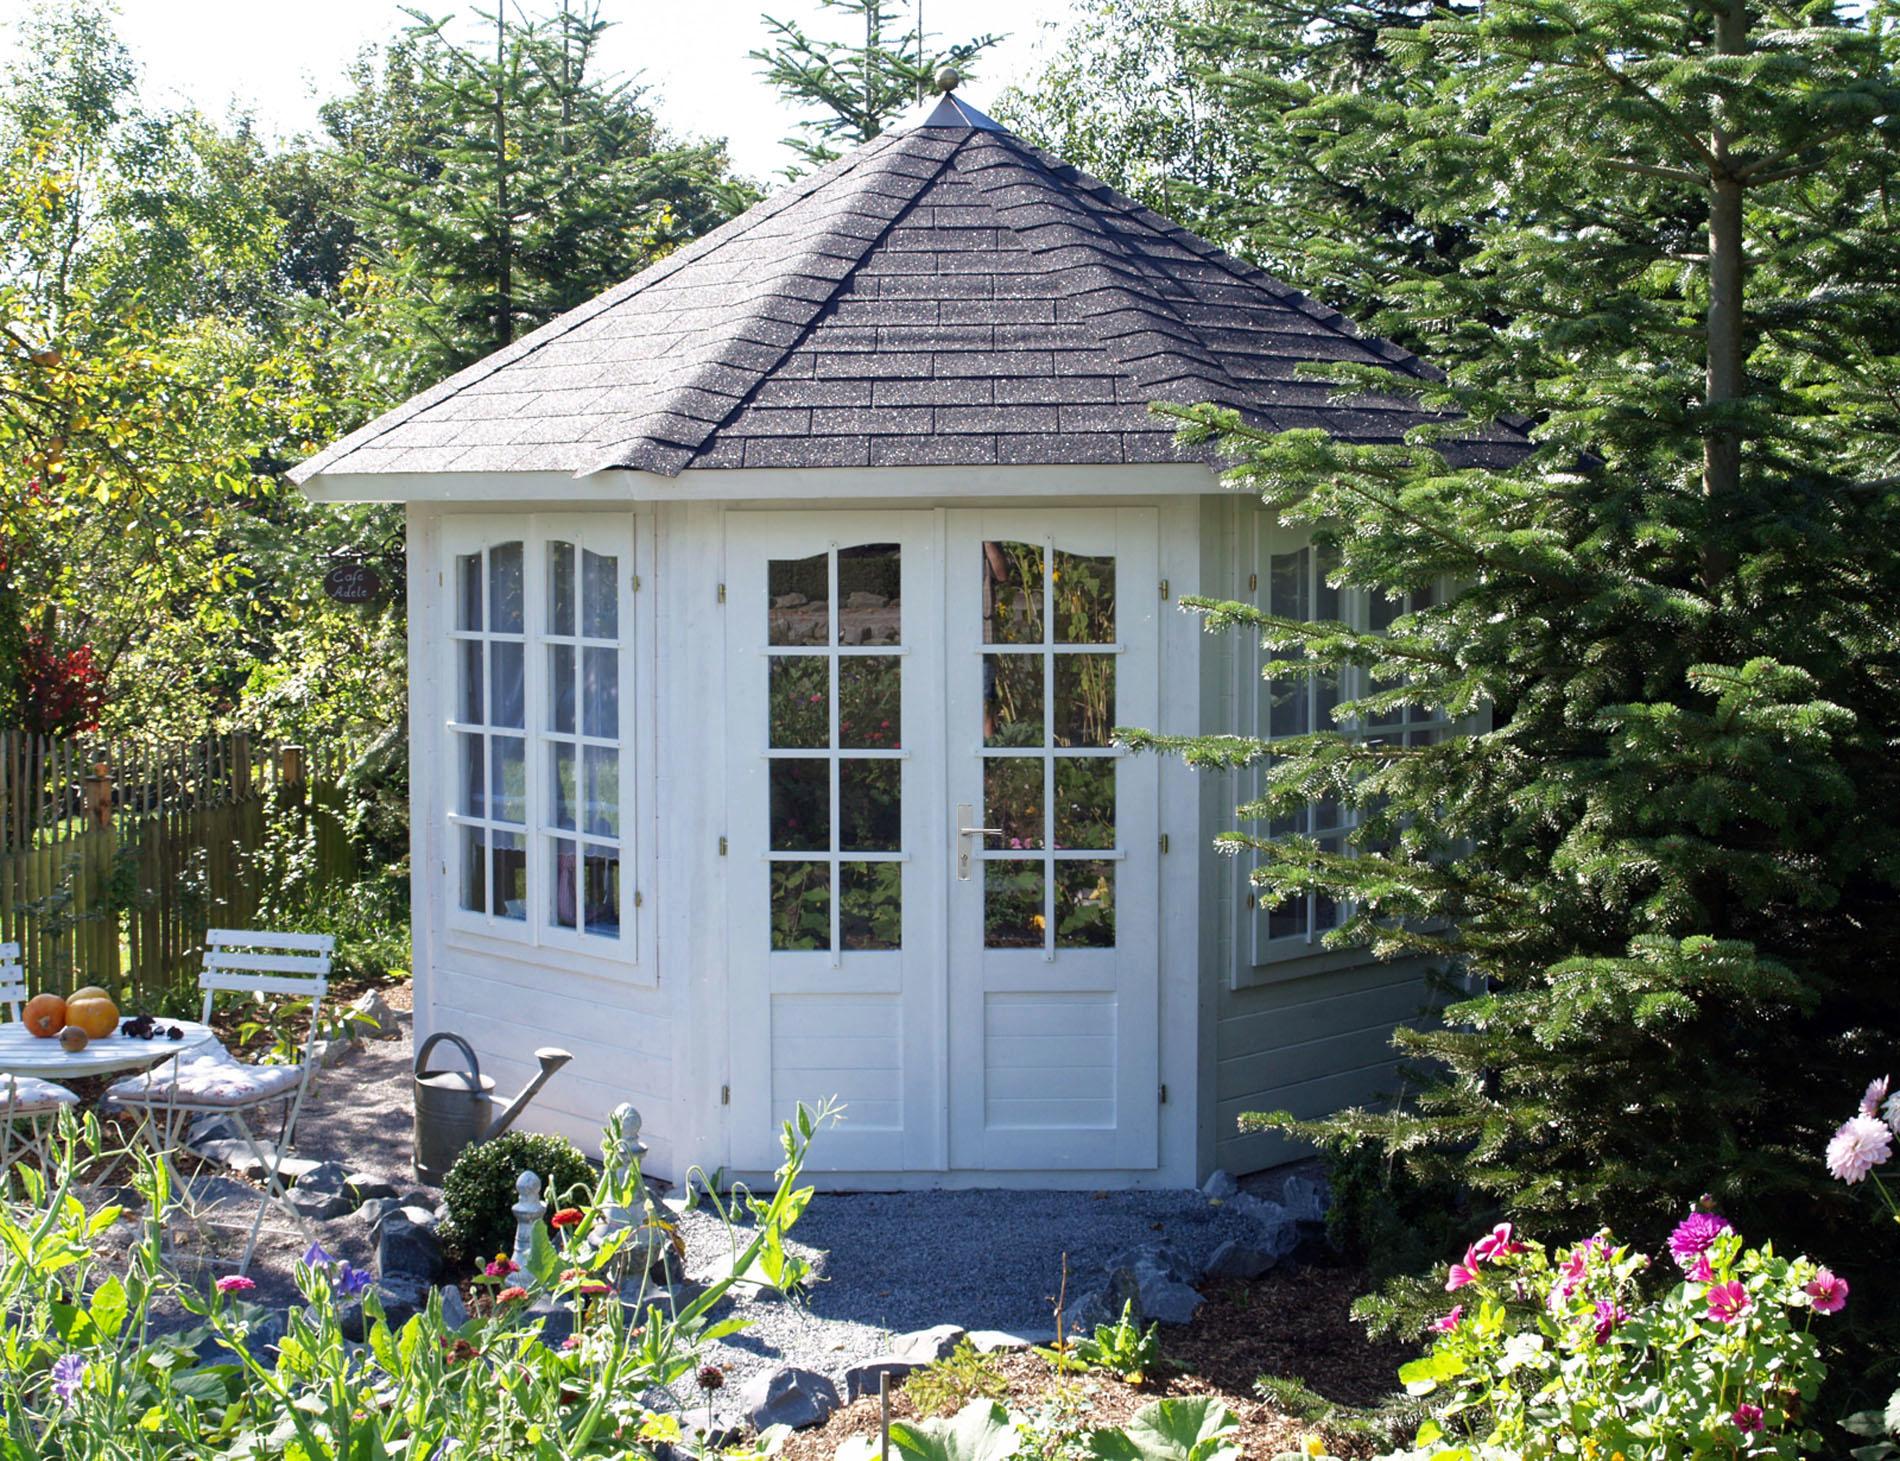 Palmako gartenpavillon veronica 4 9 2 m pap34 3434 1 for Fenster englisch